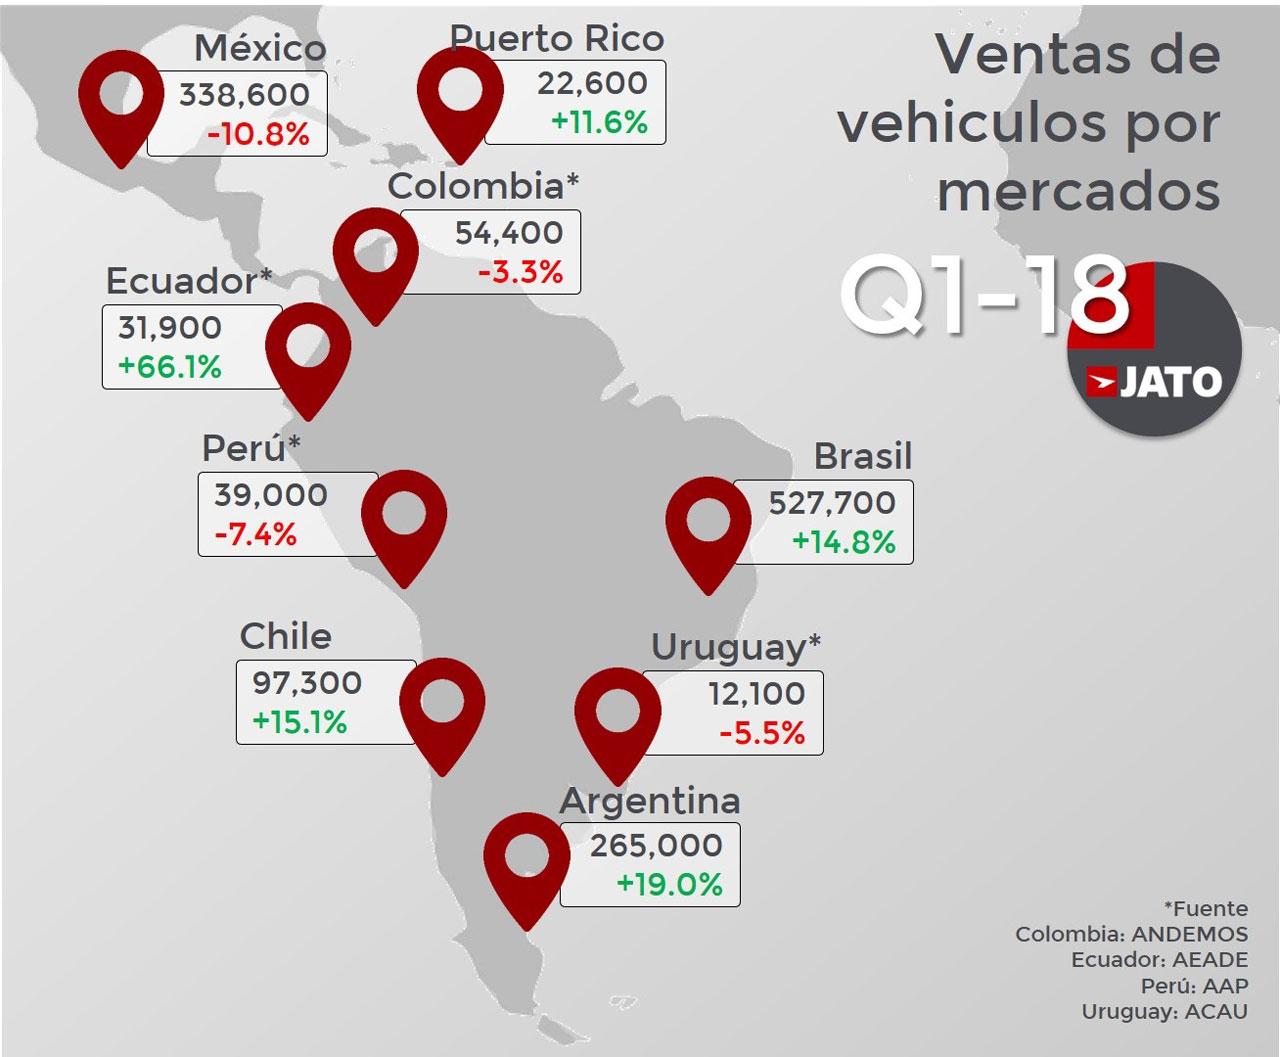 Ventas 2018 de vehículos por mercados Lat Am